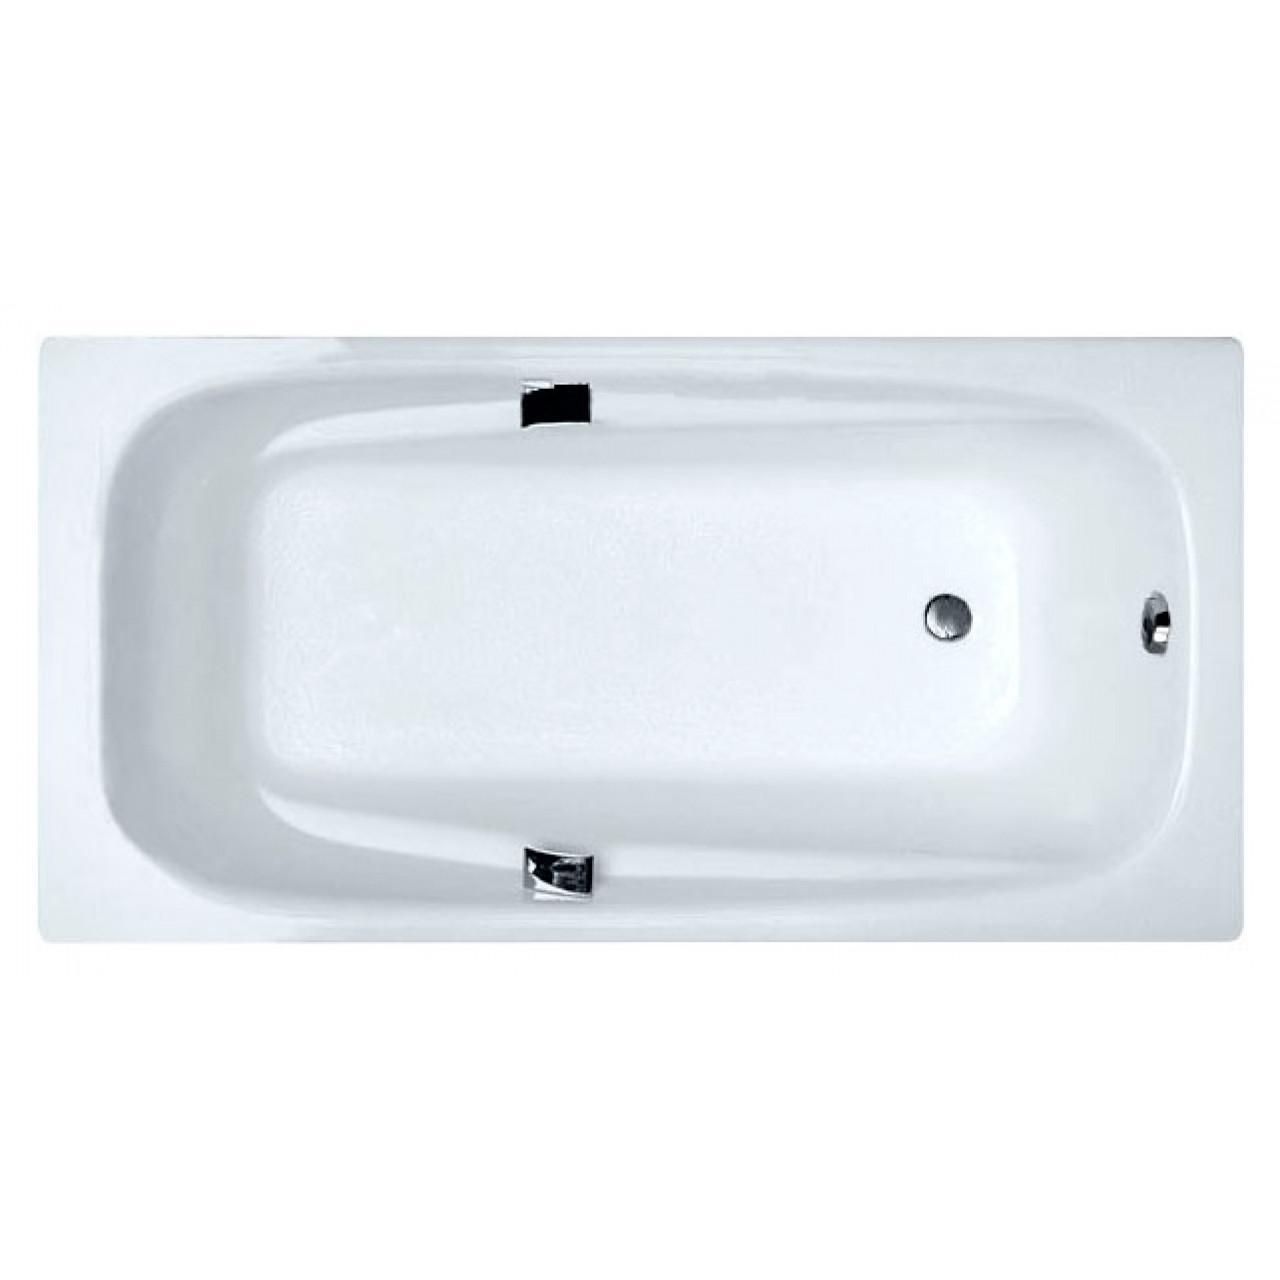 Чугунная ванна Castalia Emma 1800х850х420 с ручками купить в Москве по цене от 39330р. в интернет-магазине mebel-v-vannu.ru